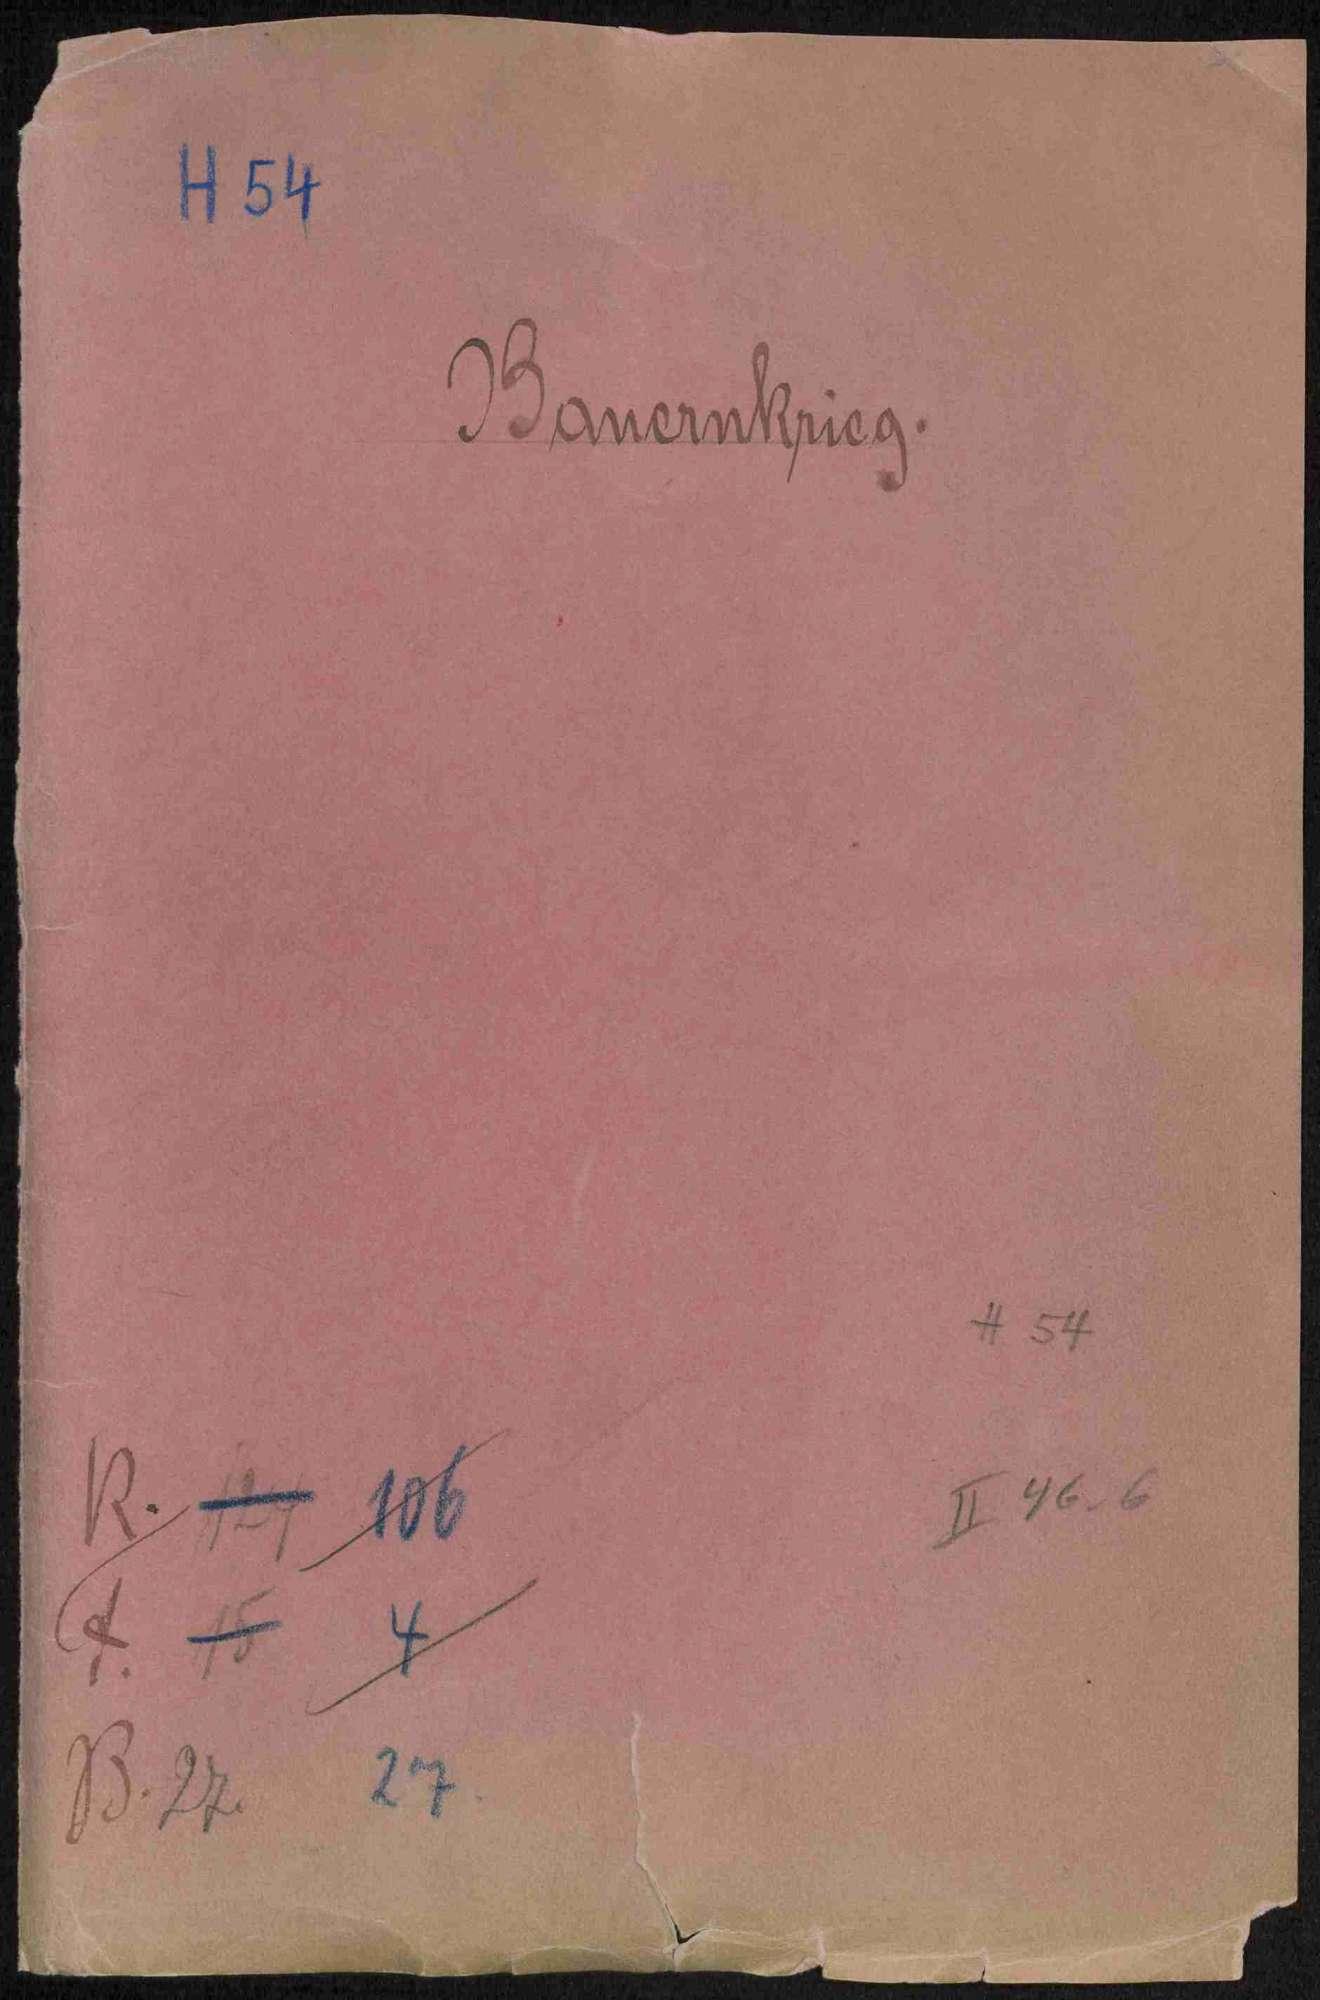 Vermischte Schriften zu Vorgängen während des Bauernkrieges und danach, Bild 1